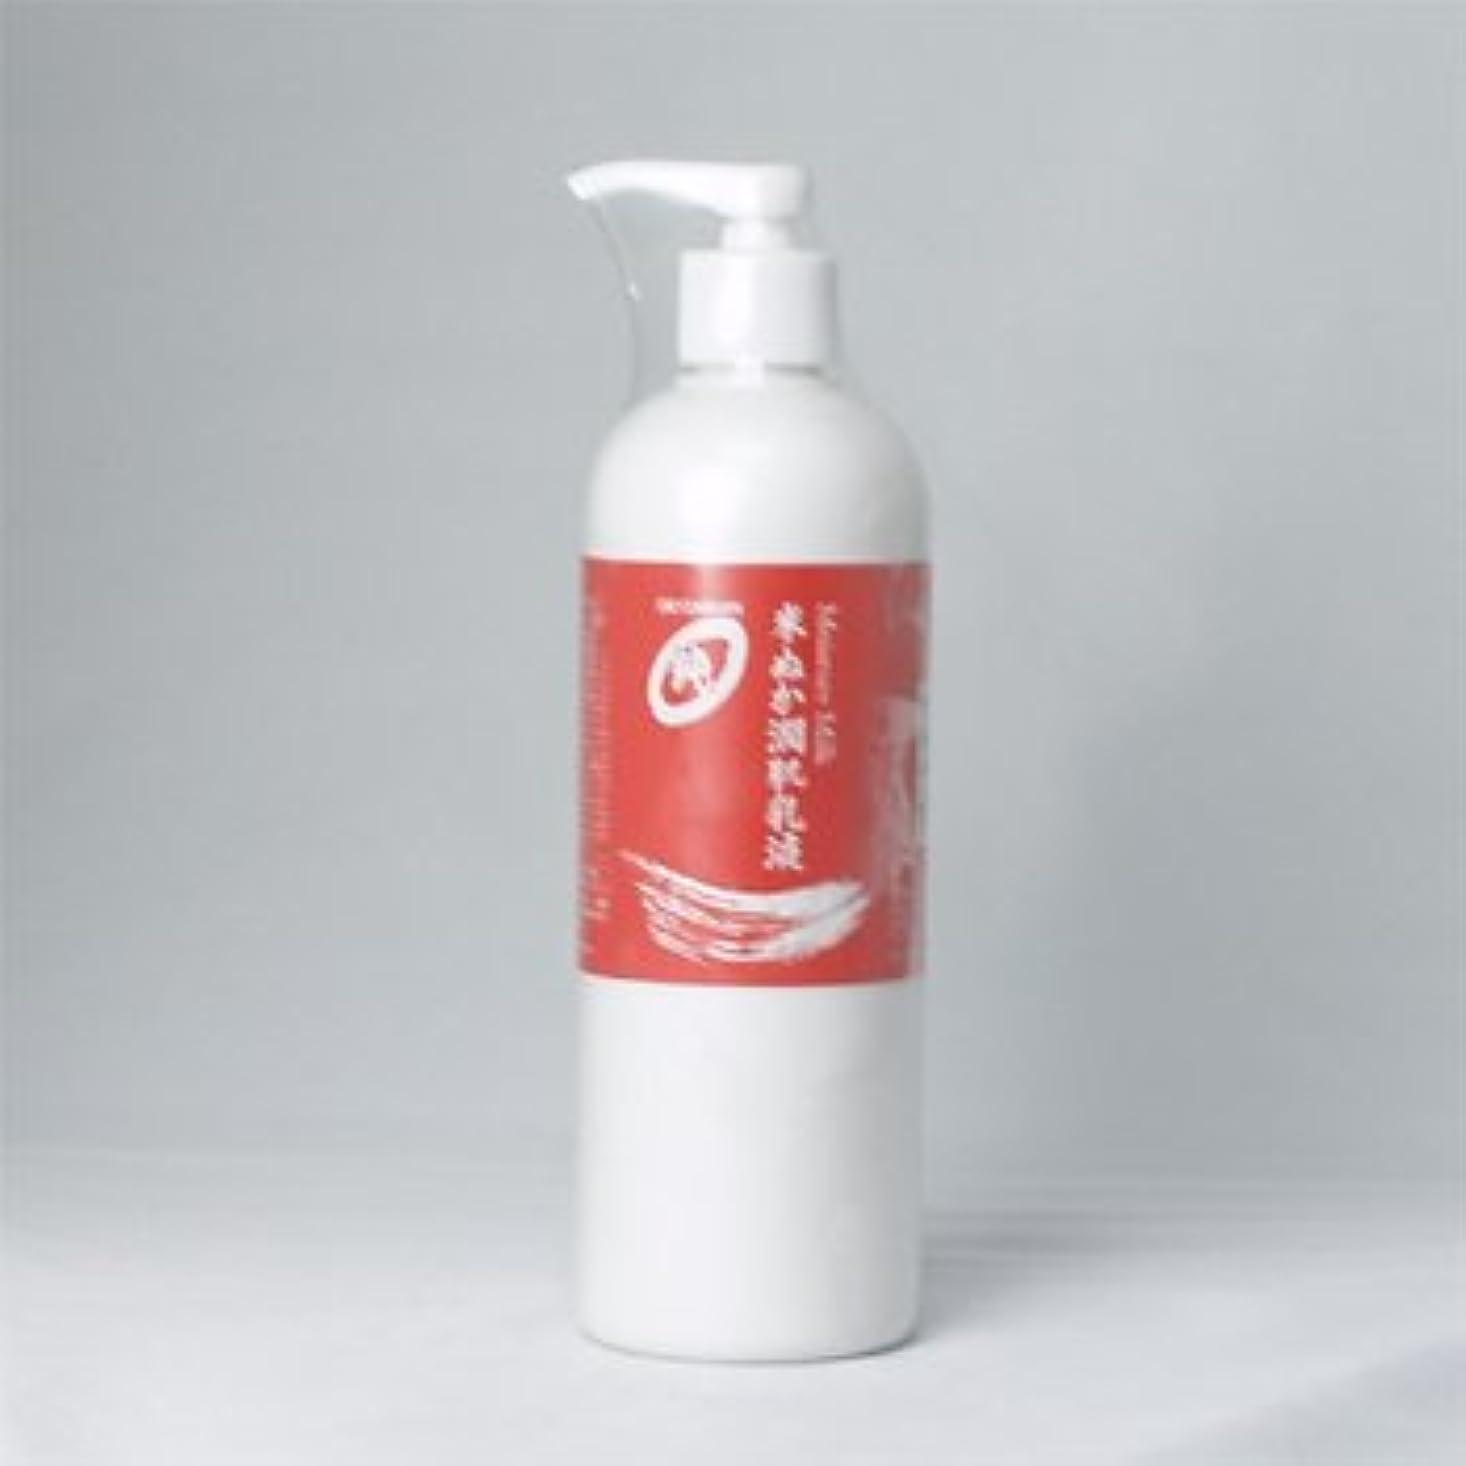 花束定規吐き出すオリザ ジュン モイスチャーミルク 米ぬか潤肌乳液 400mlポンプ